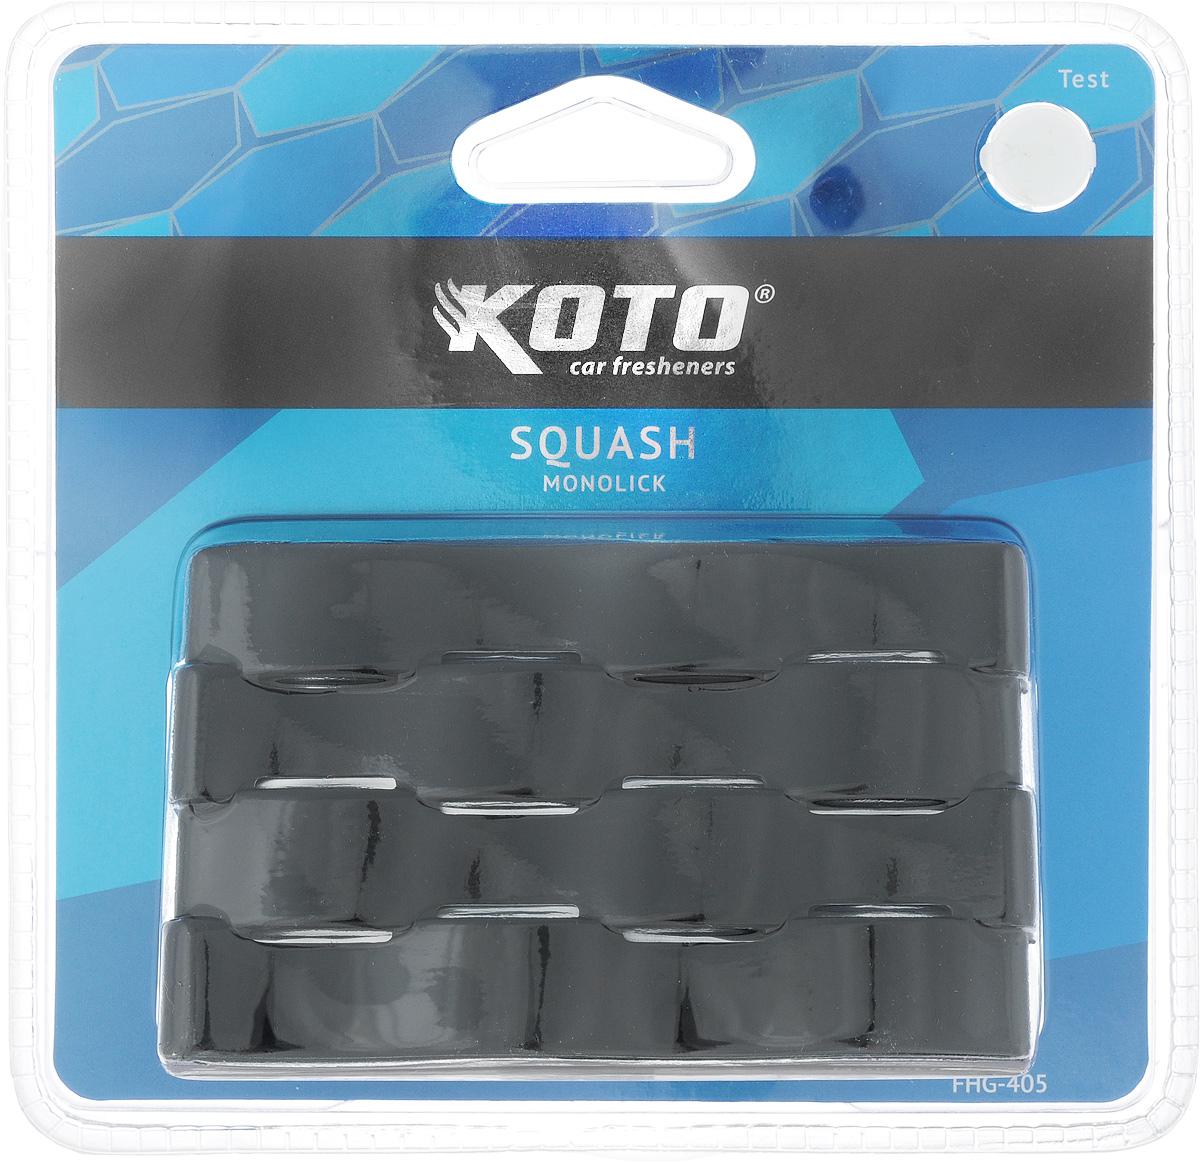 Ароматизатор автомобильный Koto Monolick. Squash, гелевый, 90 гFHG-405Автомобильный ароматизатор Koto Monolick. Squash эффективно устраняет неприятные запахи и придает приятный аромат. Сочетание геля с парфюмами наилучшего качества обеспечивает устойчивый запах. Кроме того, ароматизатор обладает элегантным дизайном. Благодаря специальной конструкции, изделие крепится на горизонтальную поверхность.